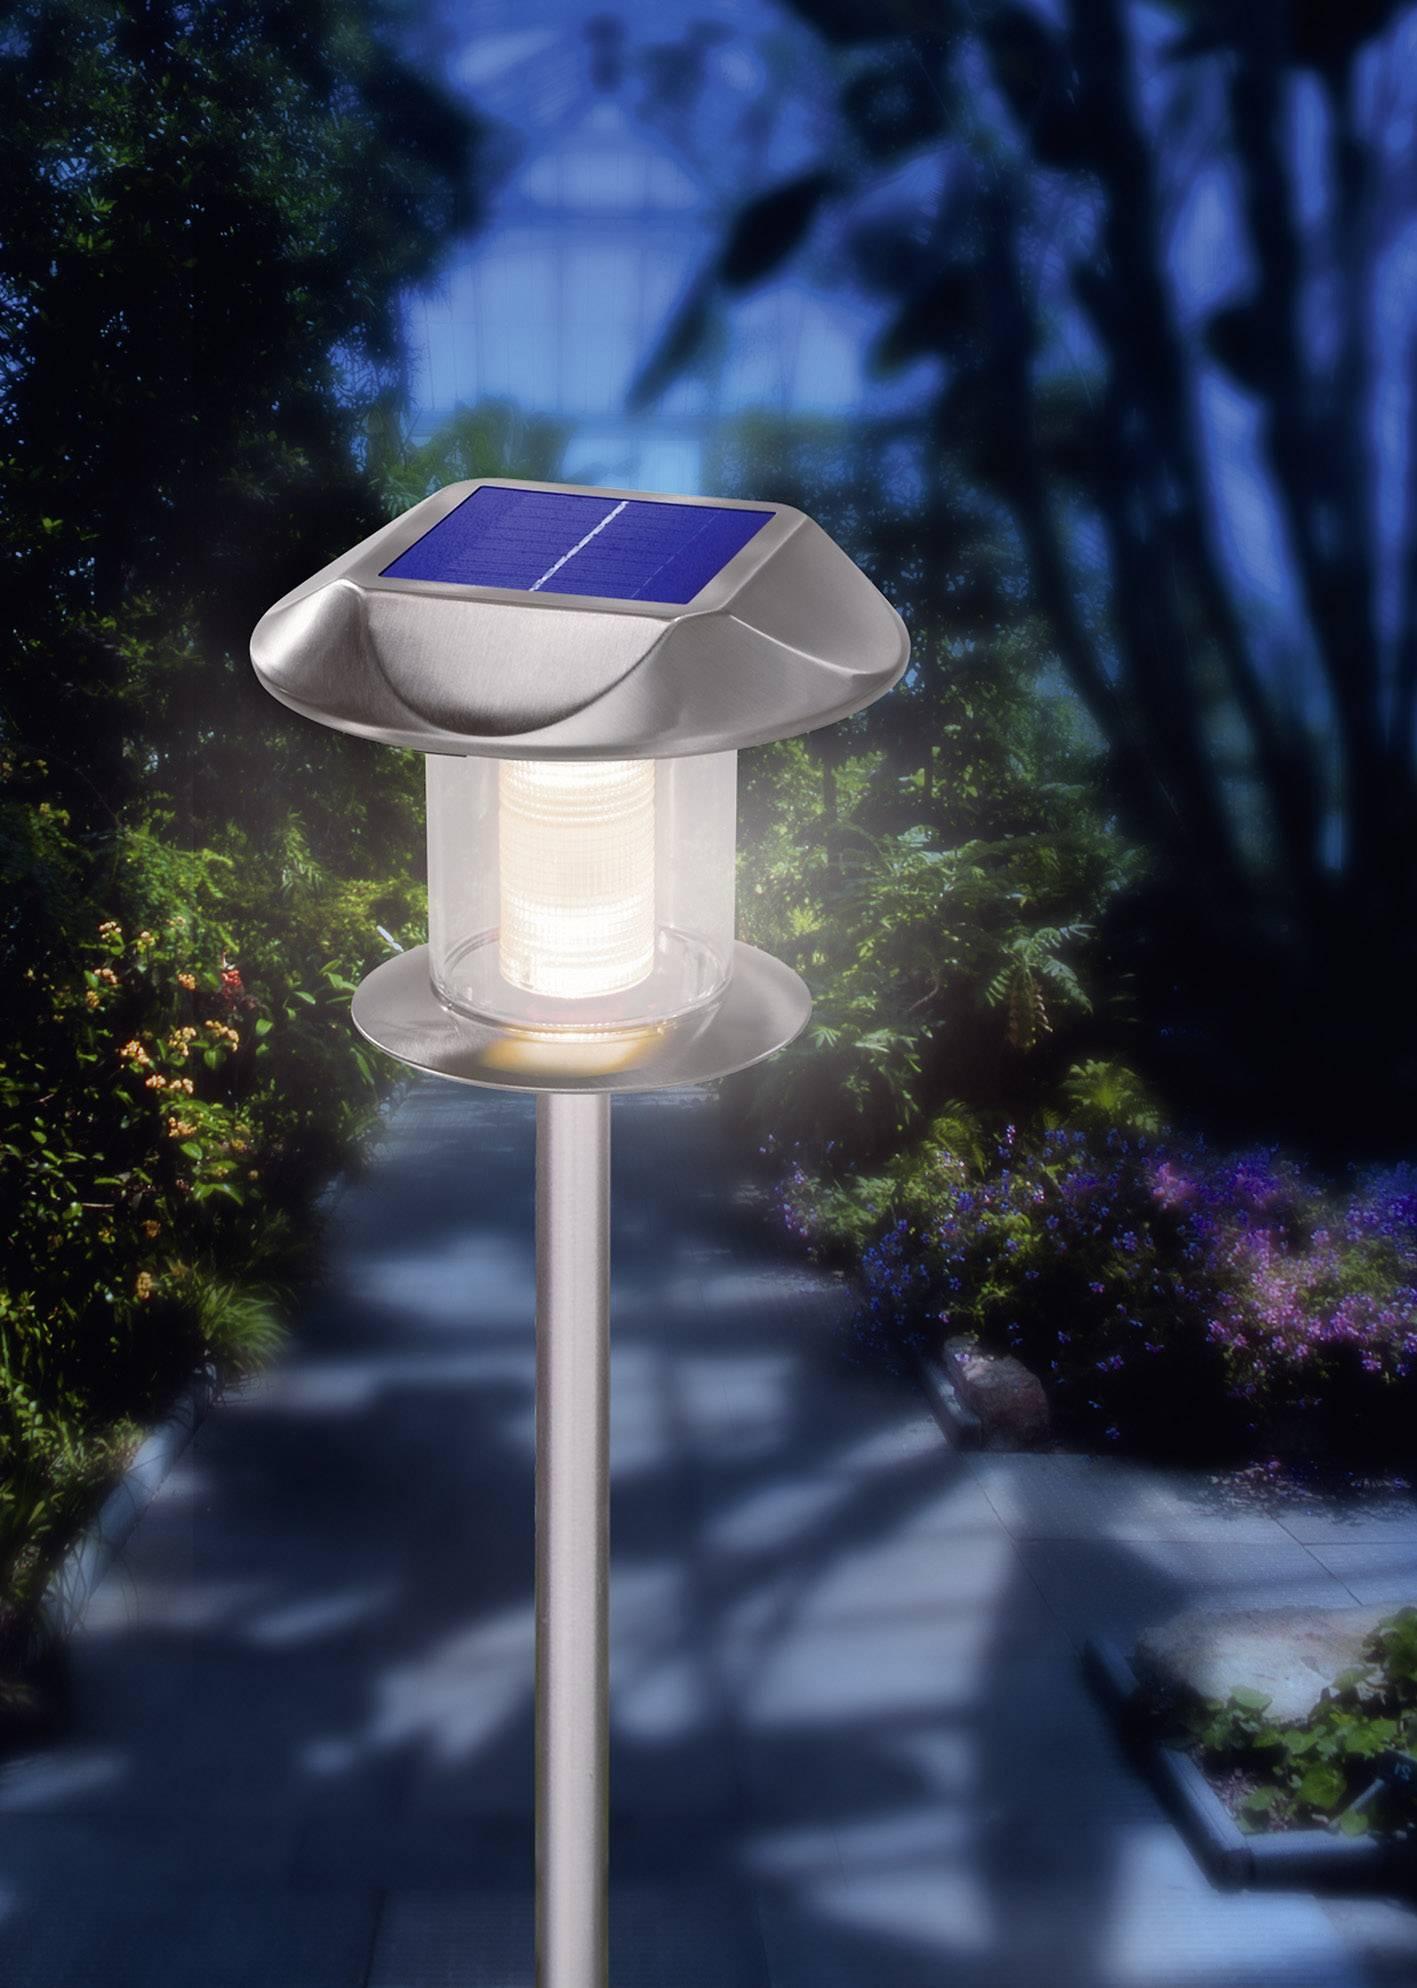 Solárne nerezové LED svietidlo Esotec Sunny